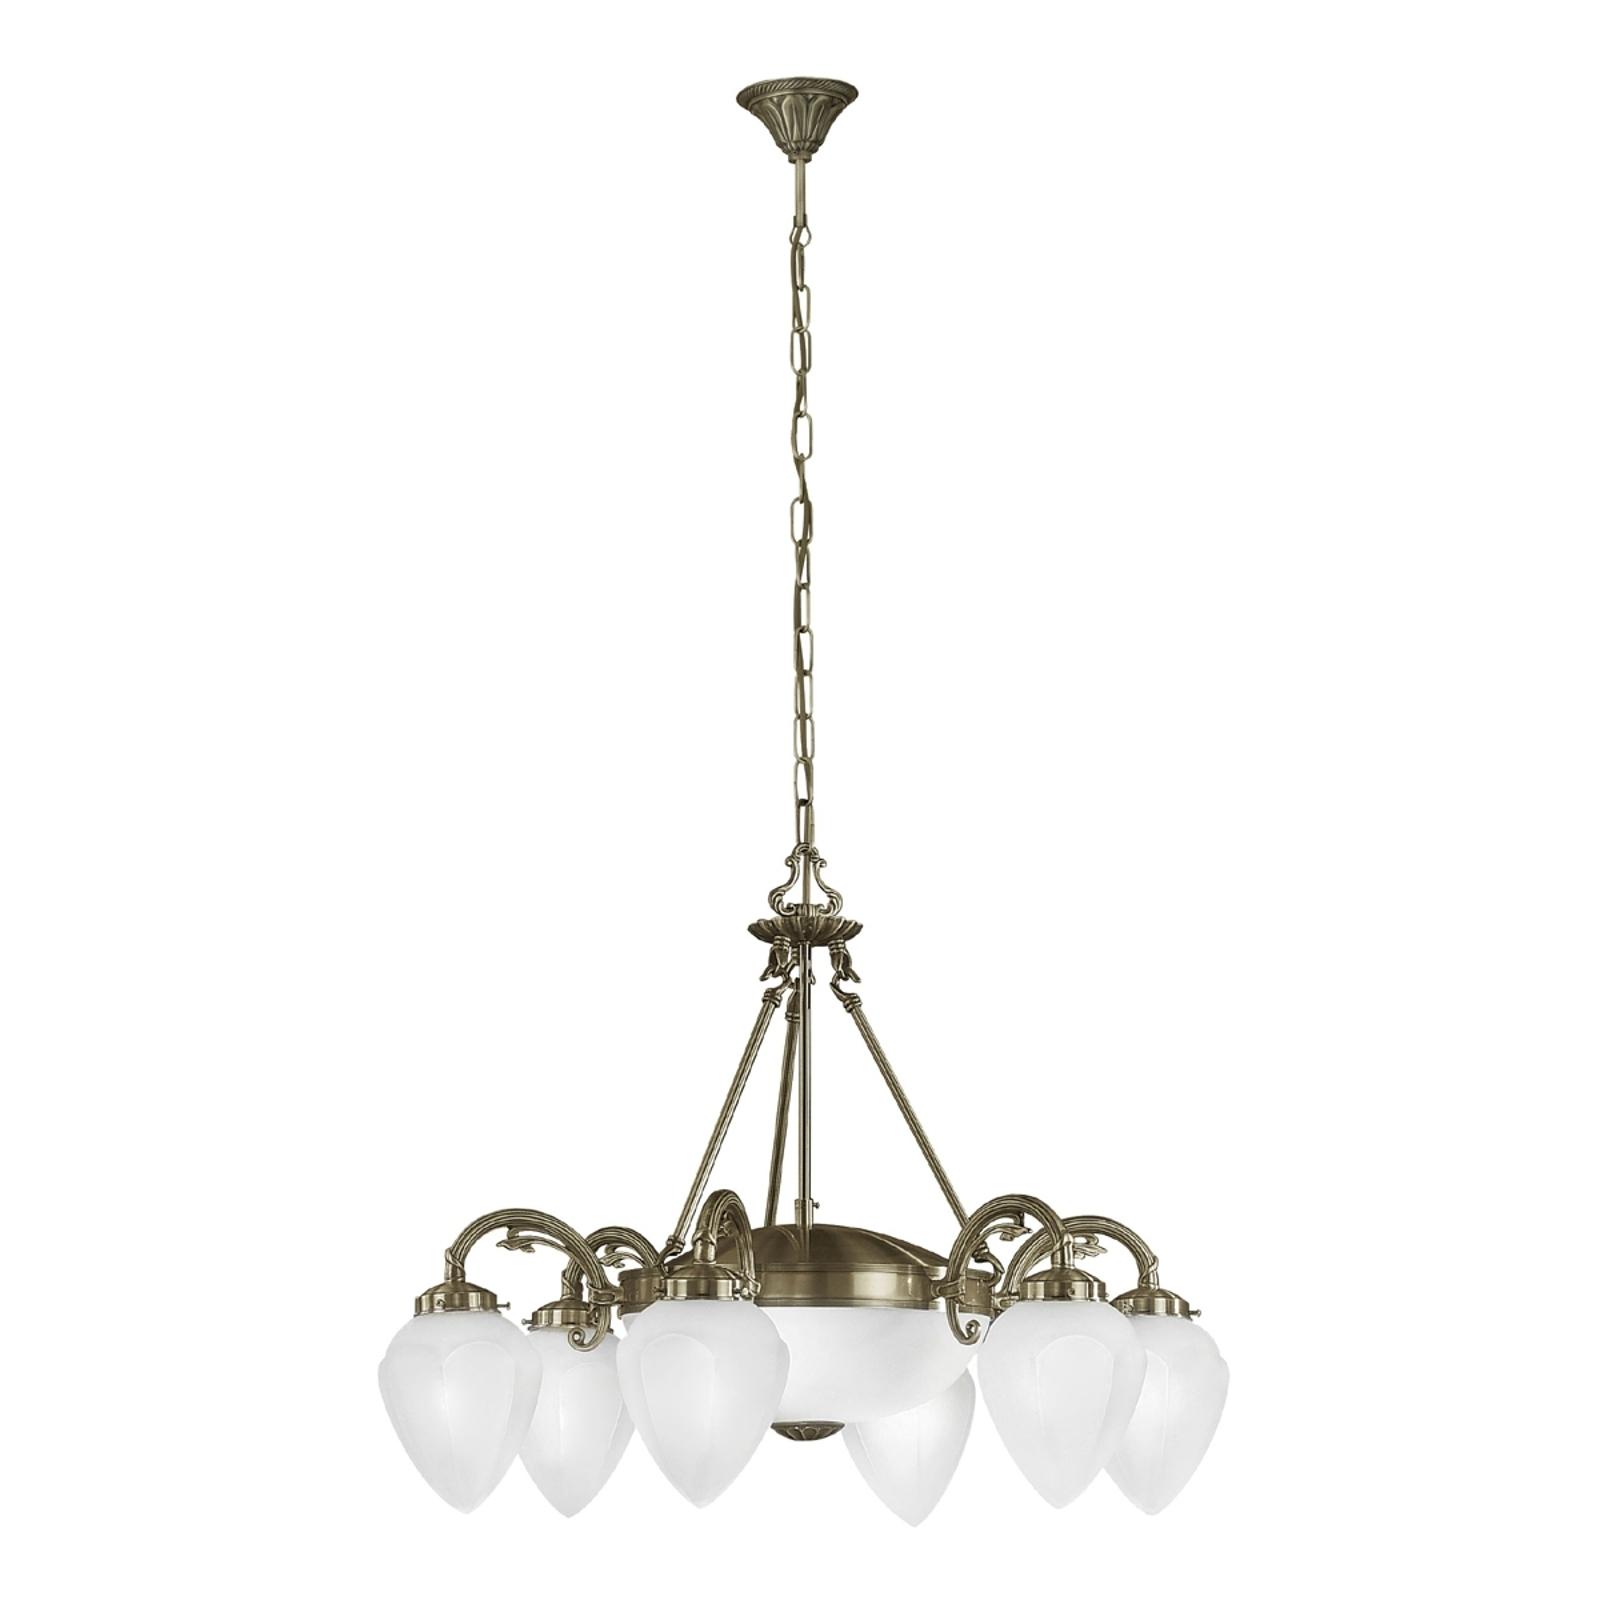 Lámpara colgante de estilo clásico Impery 8 llamas